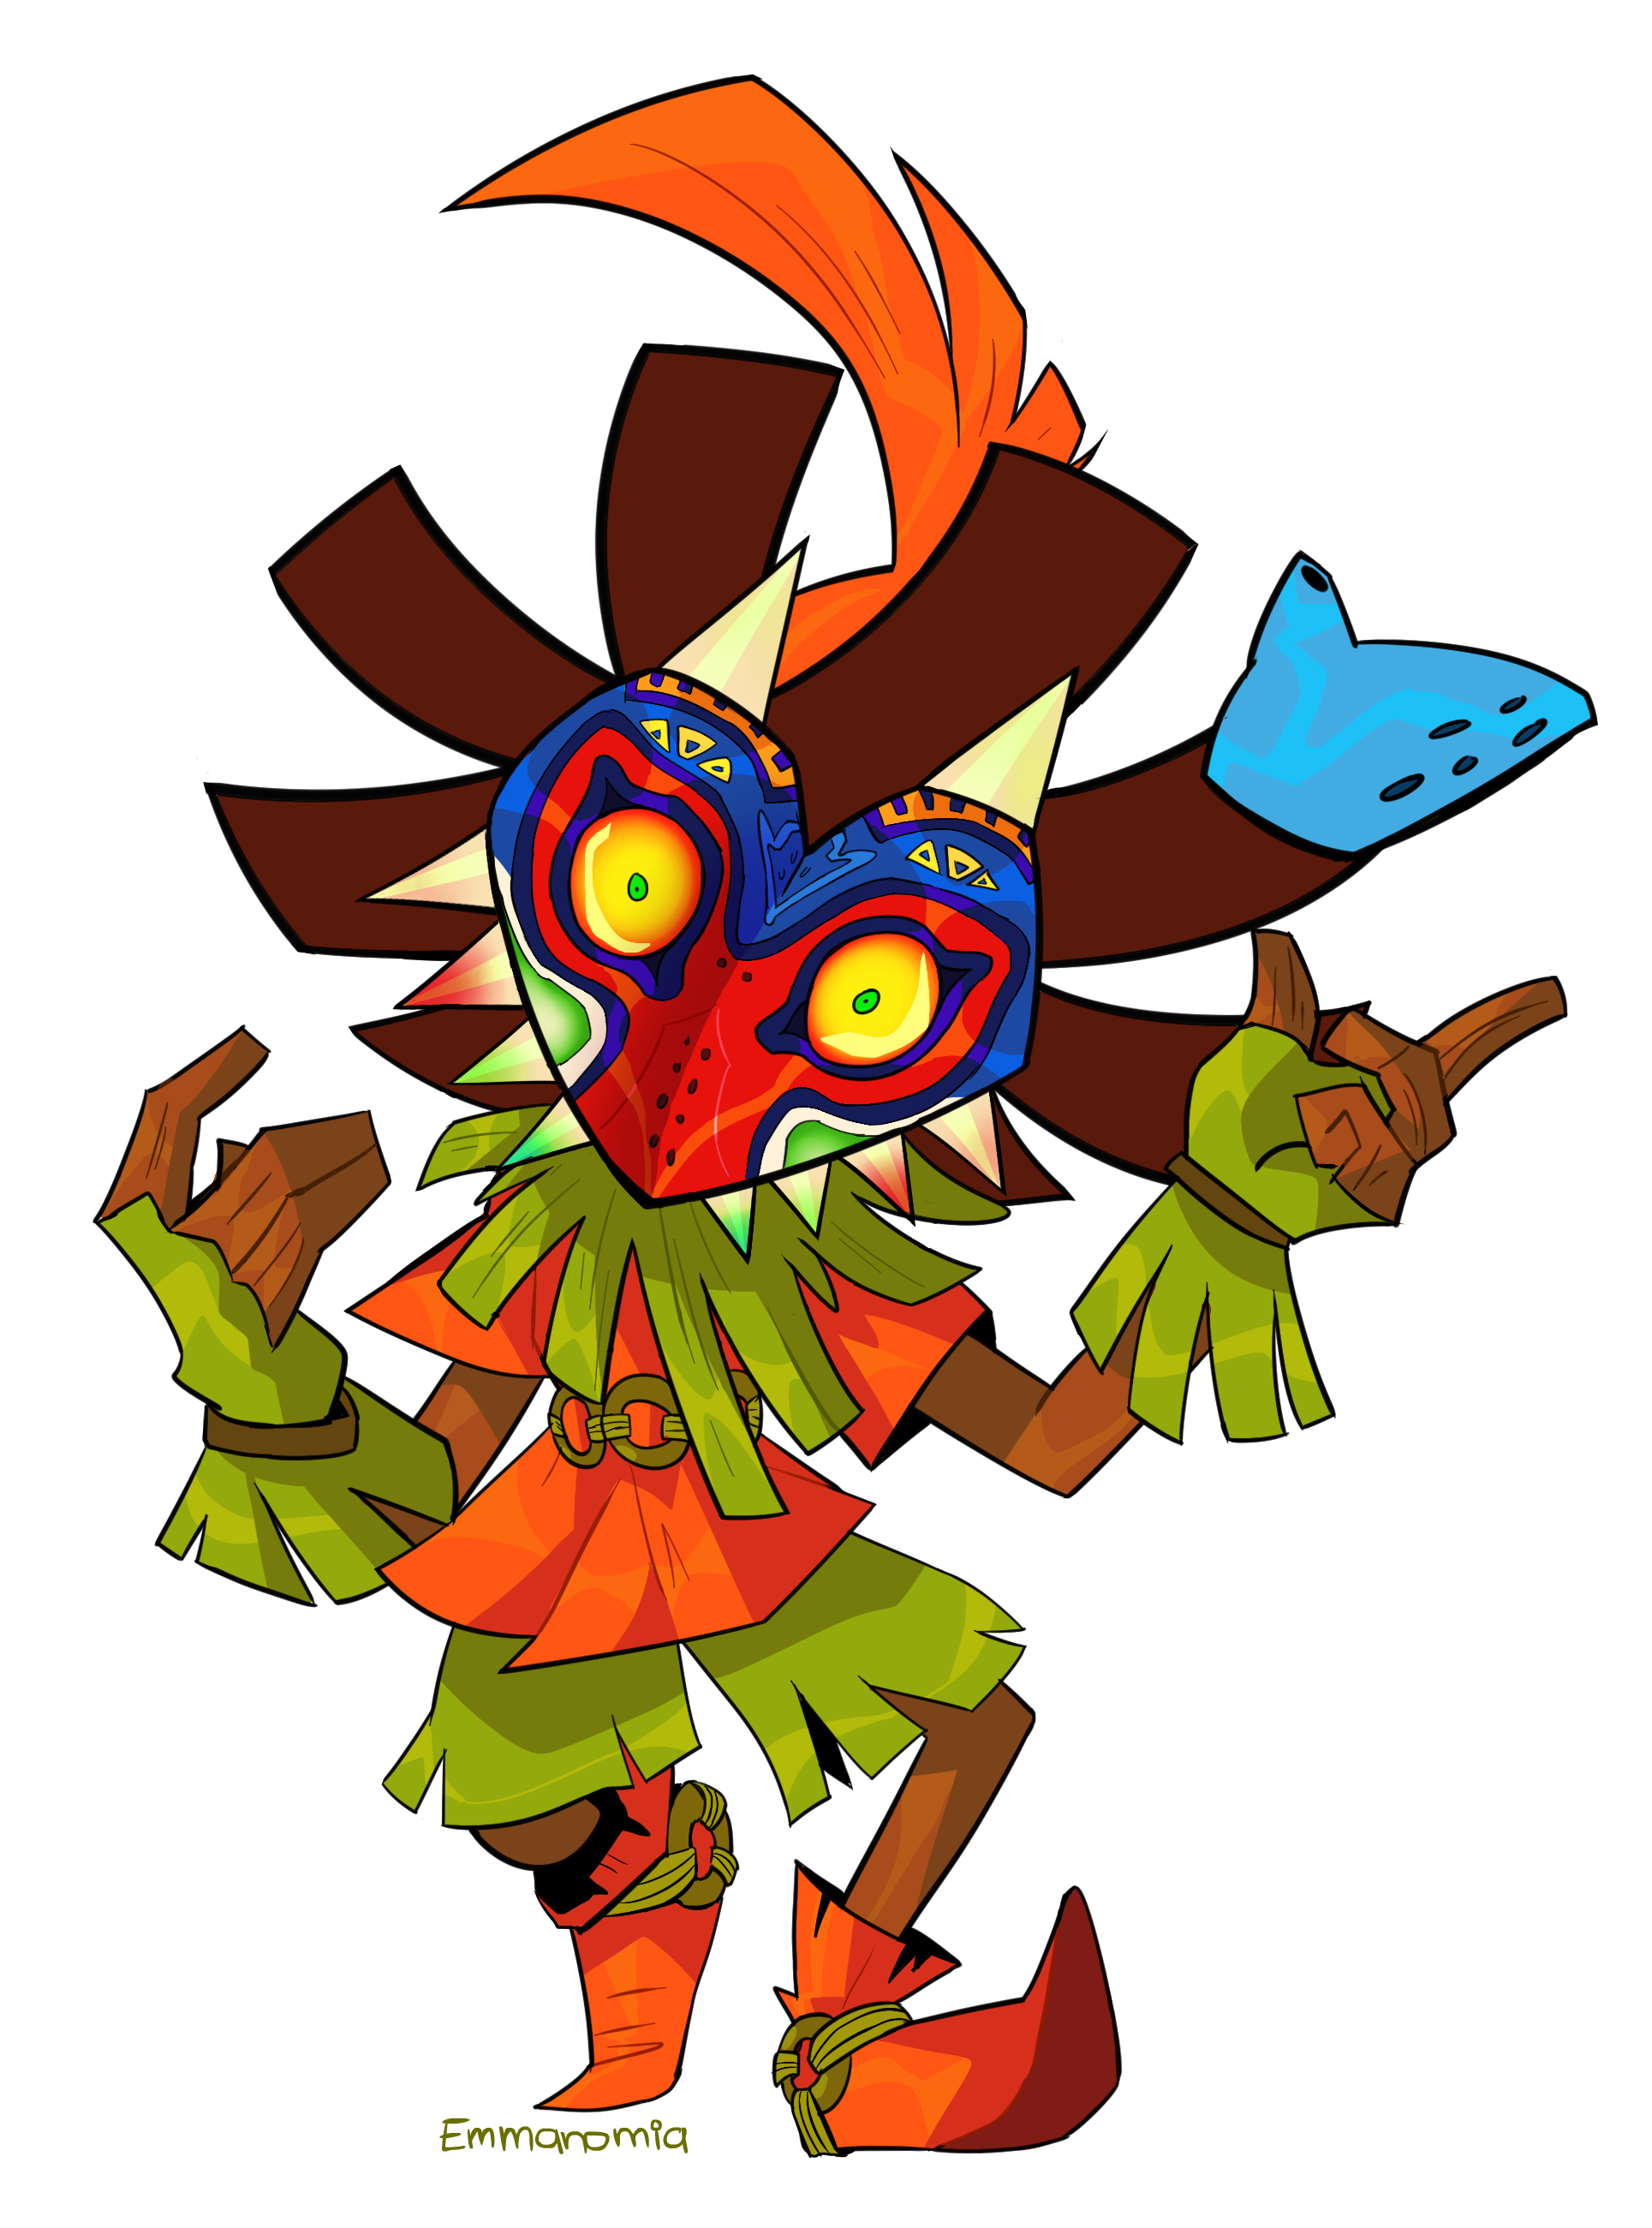 Legend Of Zelda Majora S Mask Art Skull Kid By Emmaekisde Visit Blazezelda Tumblr Com Majoras Mask Art Majoras Mask Skull Kid Majoras Mask